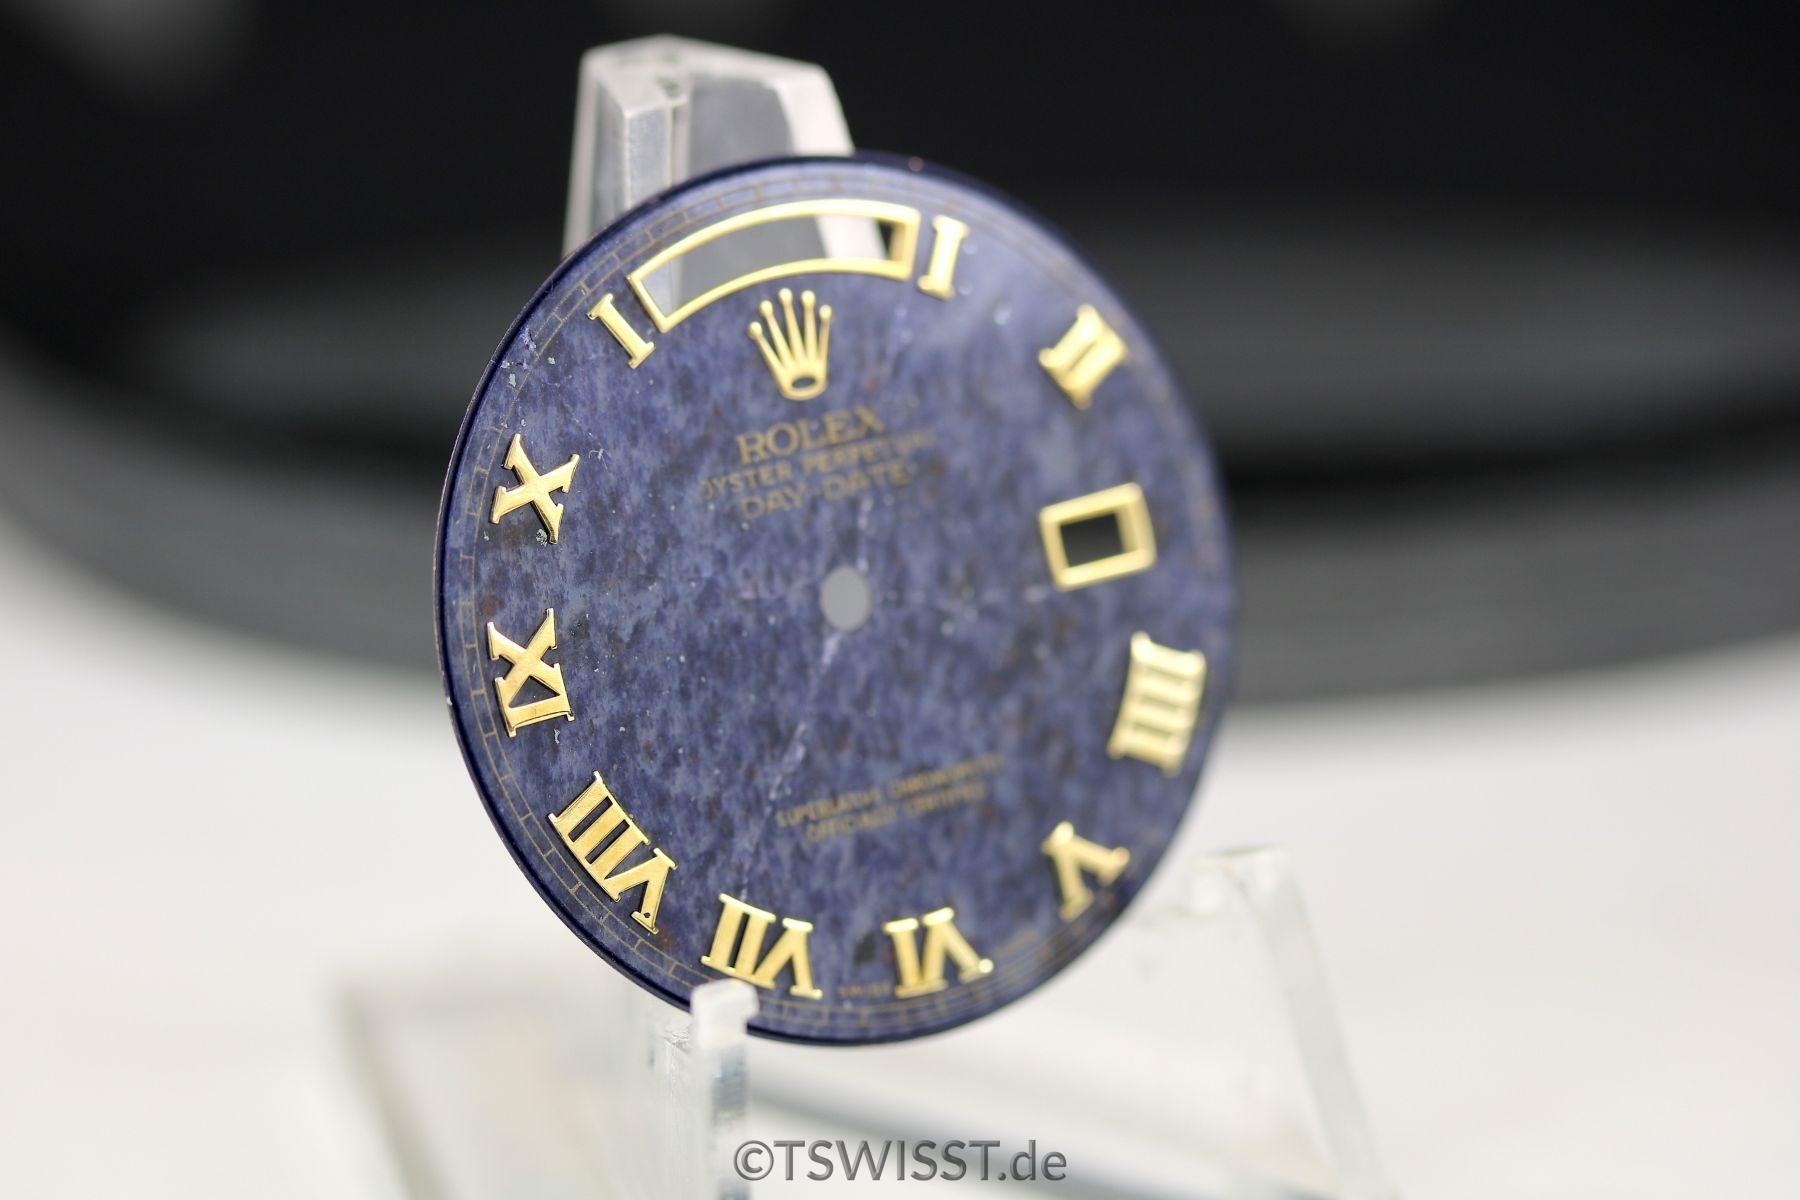 Rolex stone dial Daydate